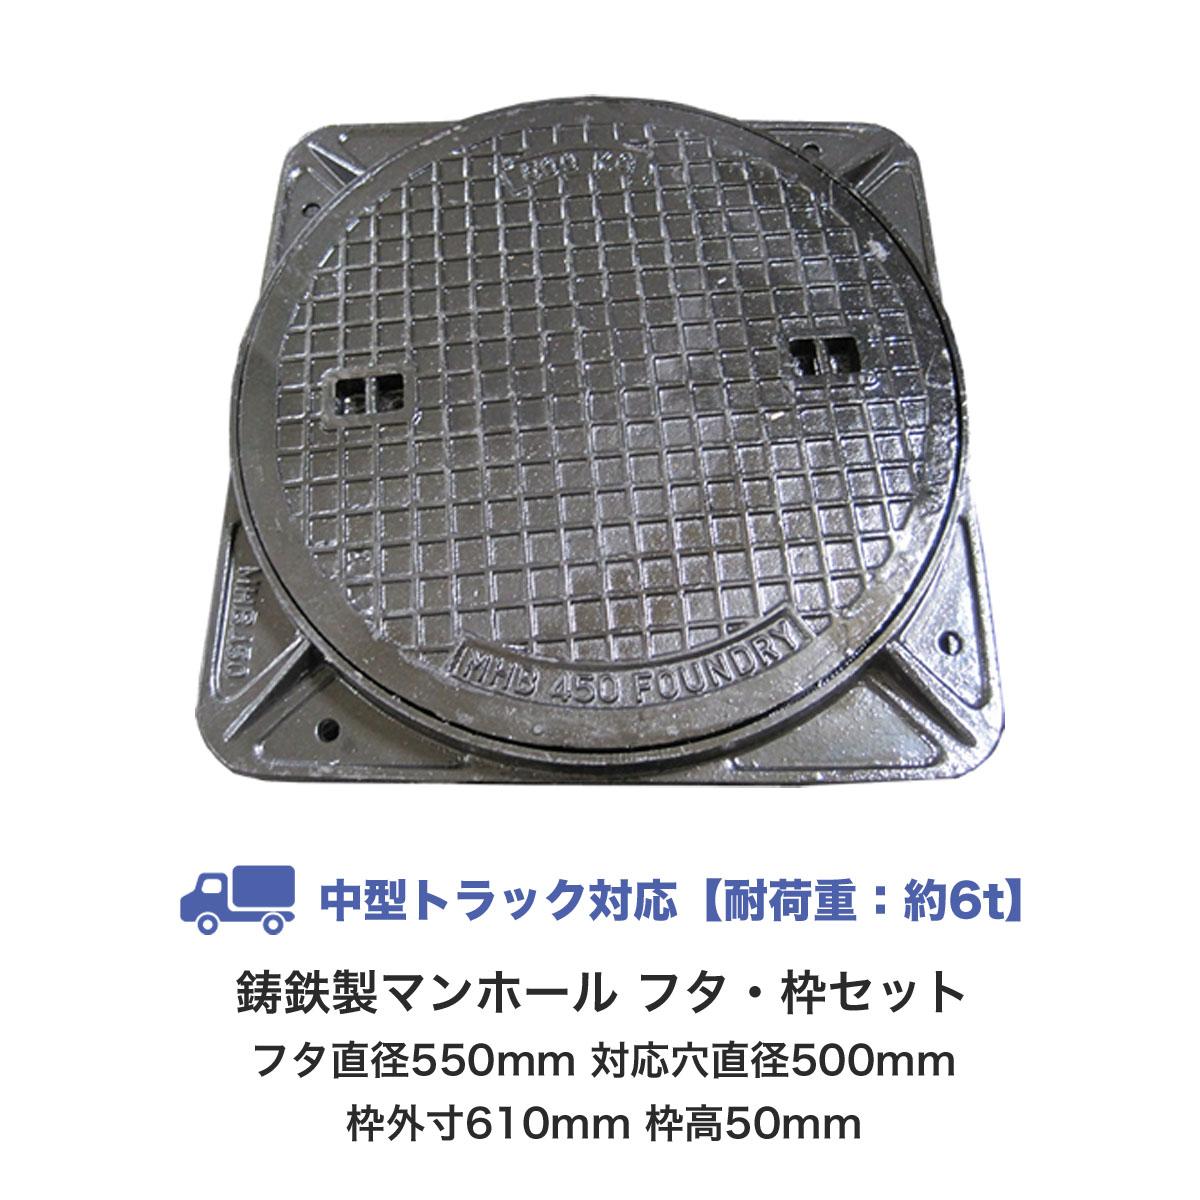 鋳鉄製 マンホール (6t荷重対応) フタ+枠セット フタ直径550mm (直径50cmの穴に対応) tt-mk6500